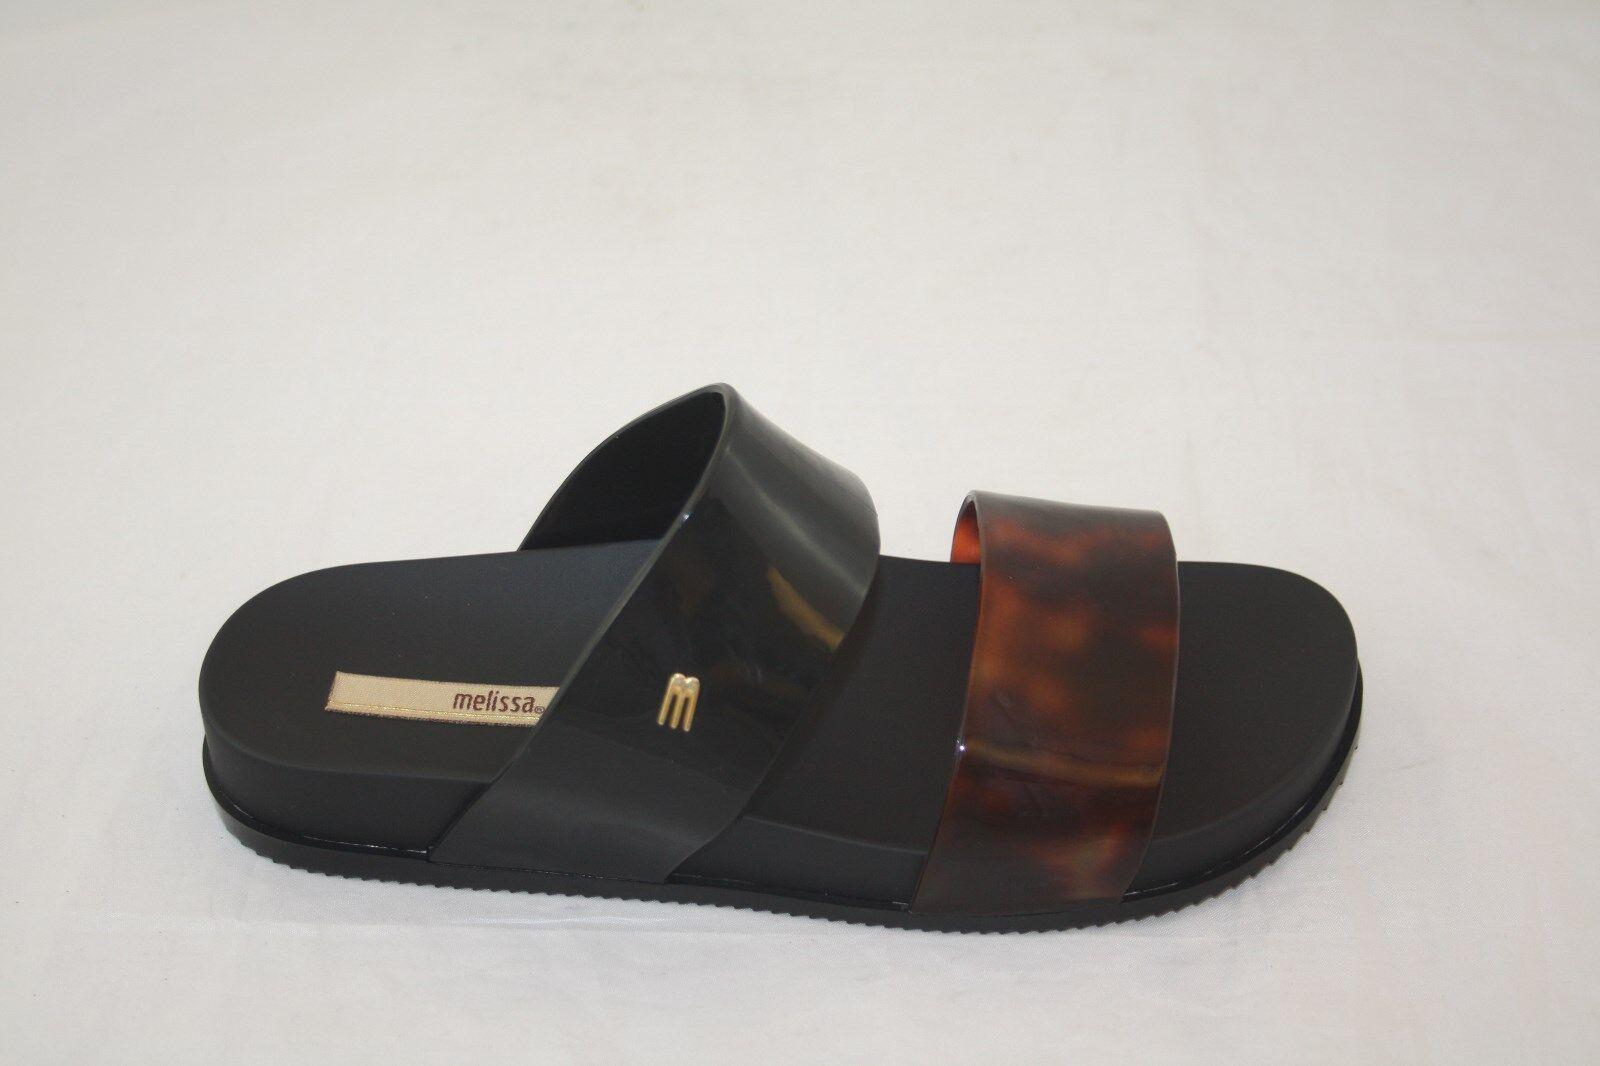 il più alla moda NEW 31613 MELISSA COSMIC AD AD AD 51812 nero TORTOISE SLIDES SANDAL  alla moda